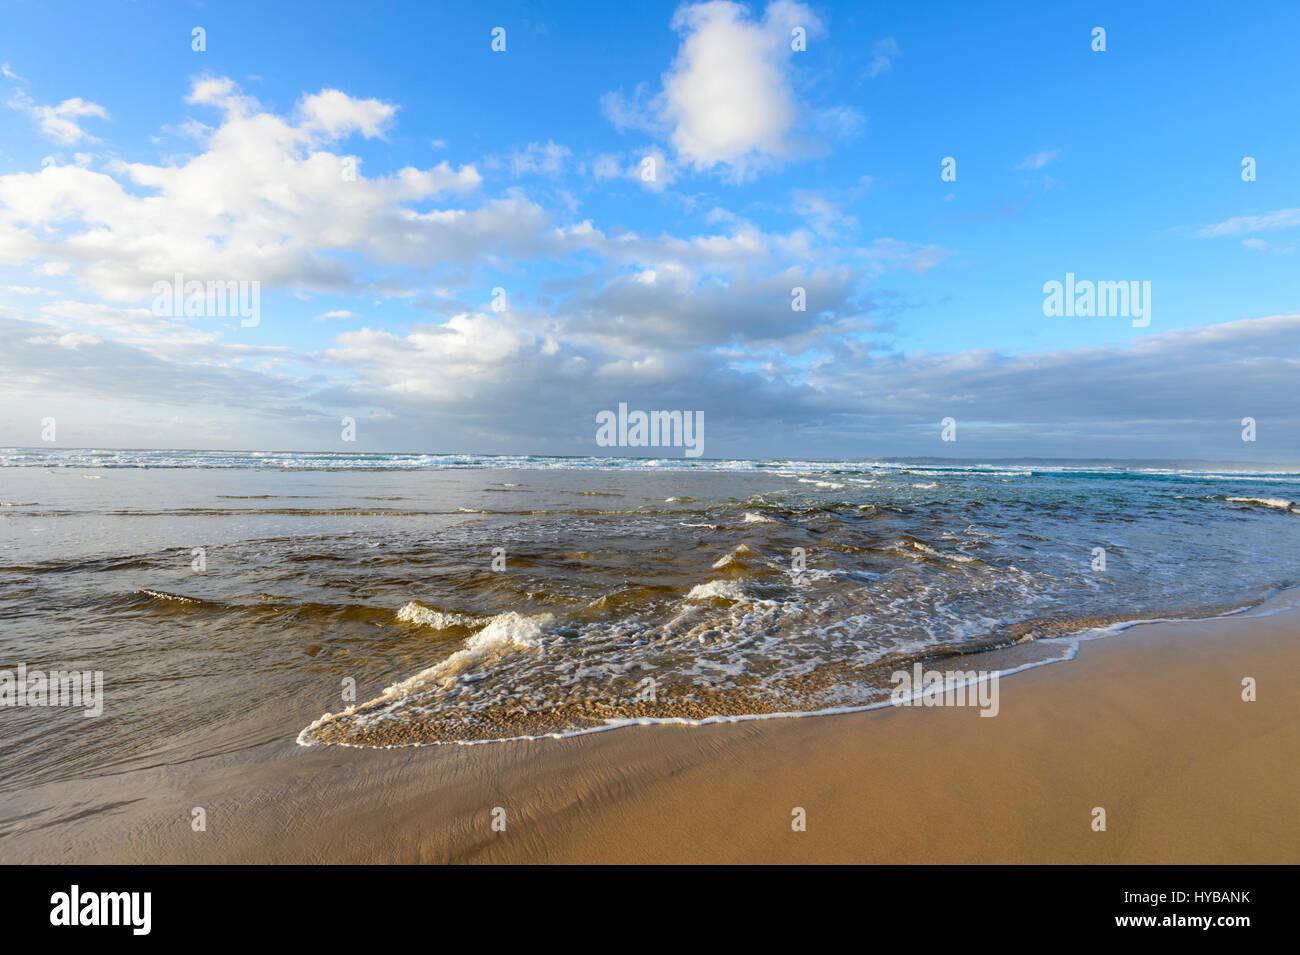 Conjola suaves olas rompiendo en la playa, Costa Sur, Nueva Gales del Sur (NSW, Australia Foto de stock